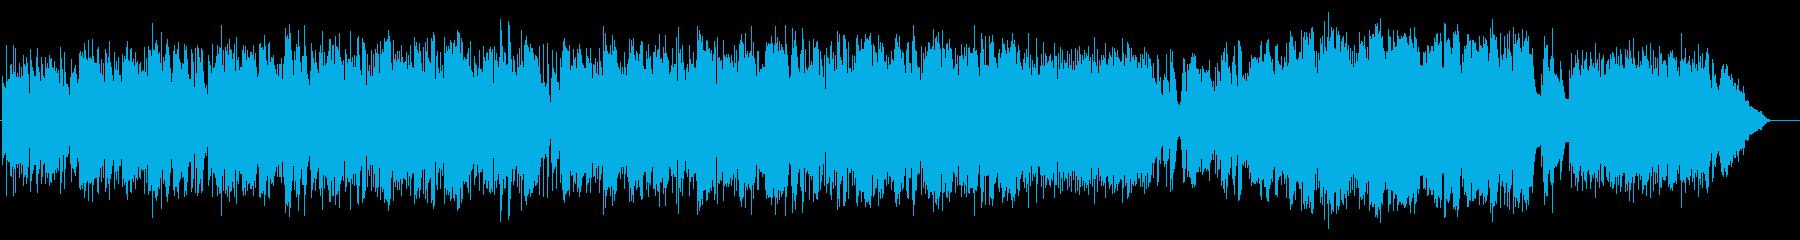 つぐみの再生済みの波形